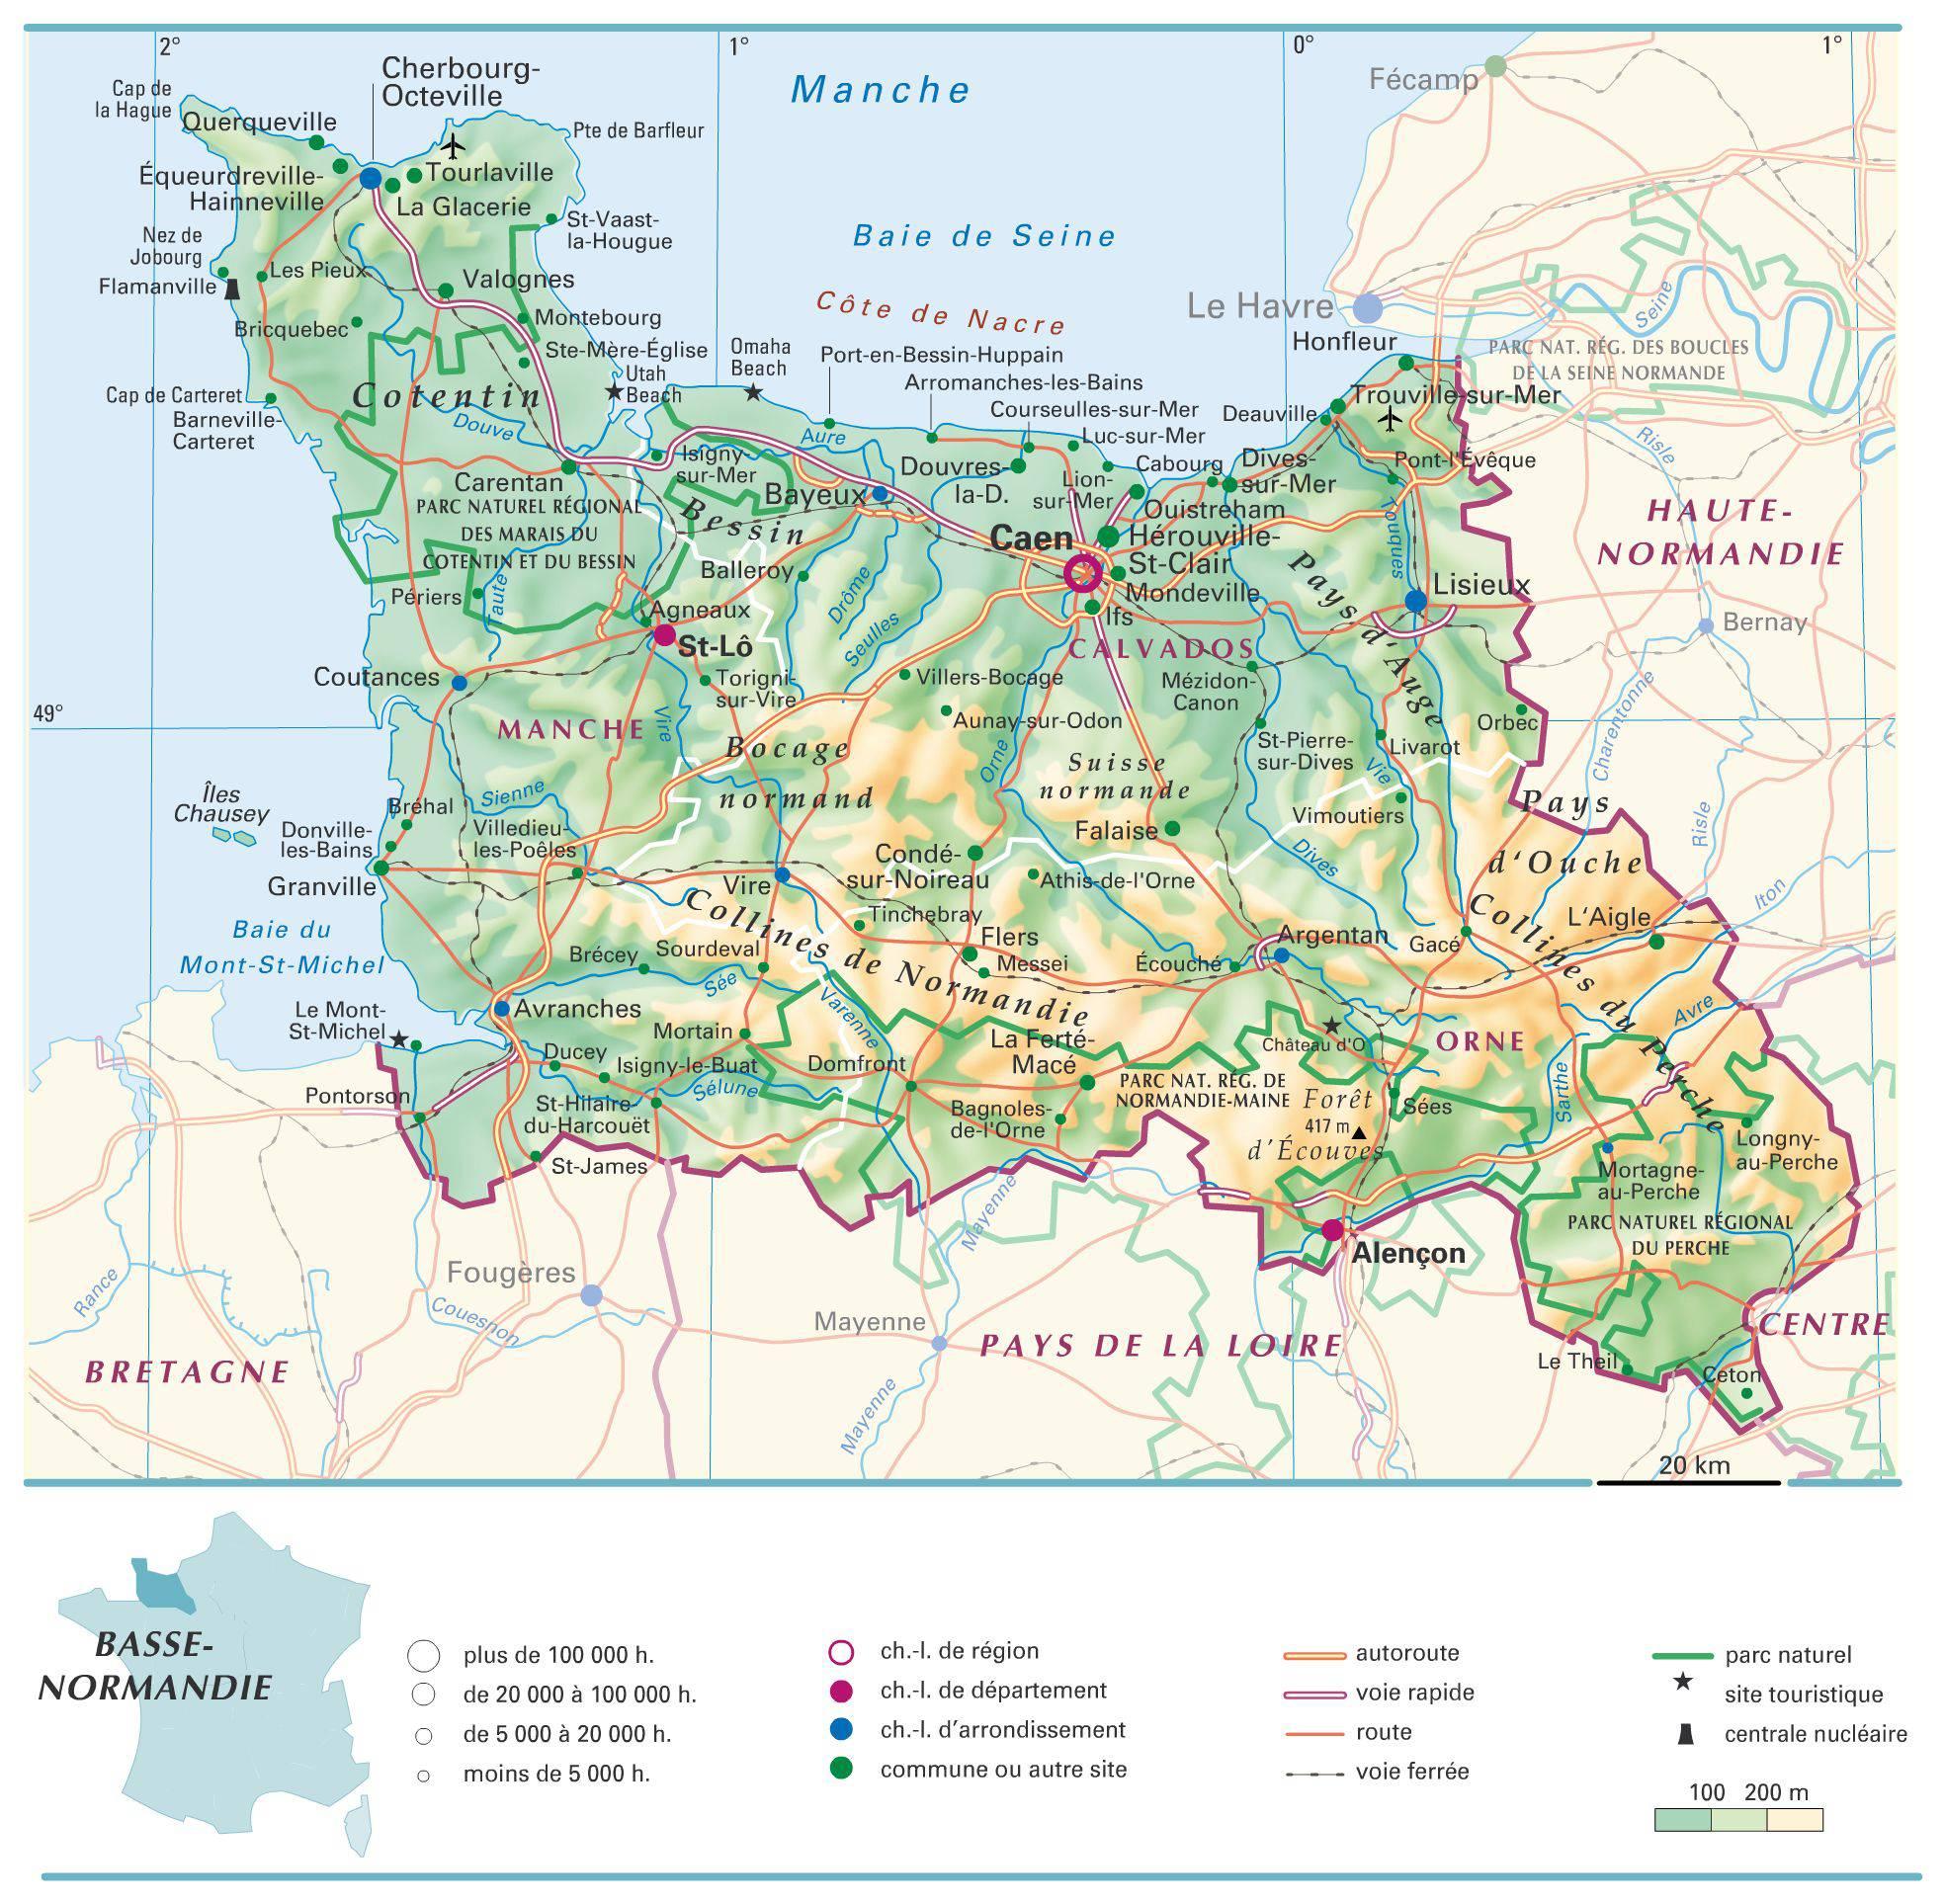 Basse-Normandie carte